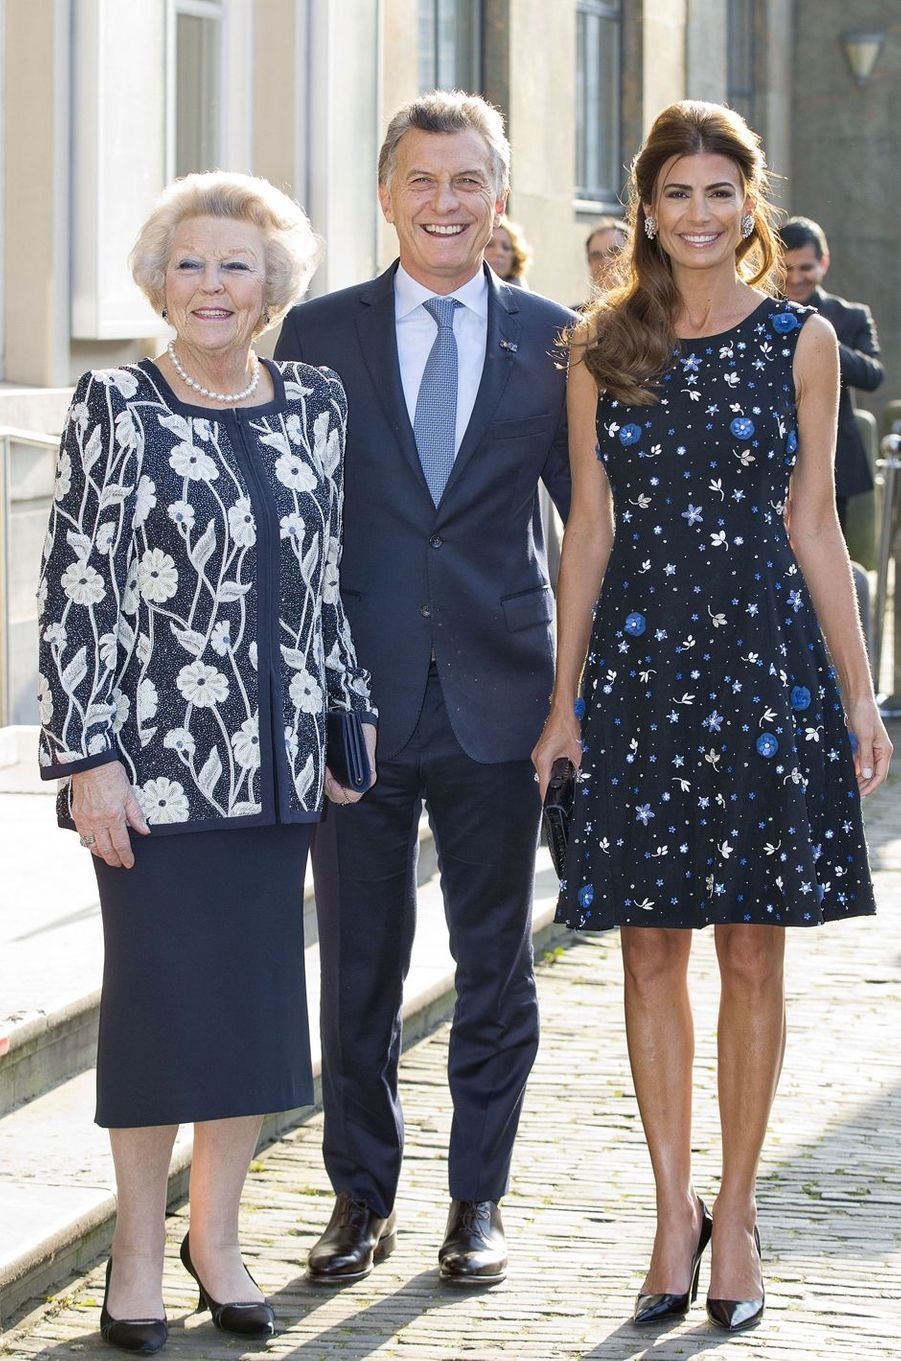 La princesse Beatrix des Pays-Bas avec le couple présidentiel argentin à La Haye, le 28 mars 2017